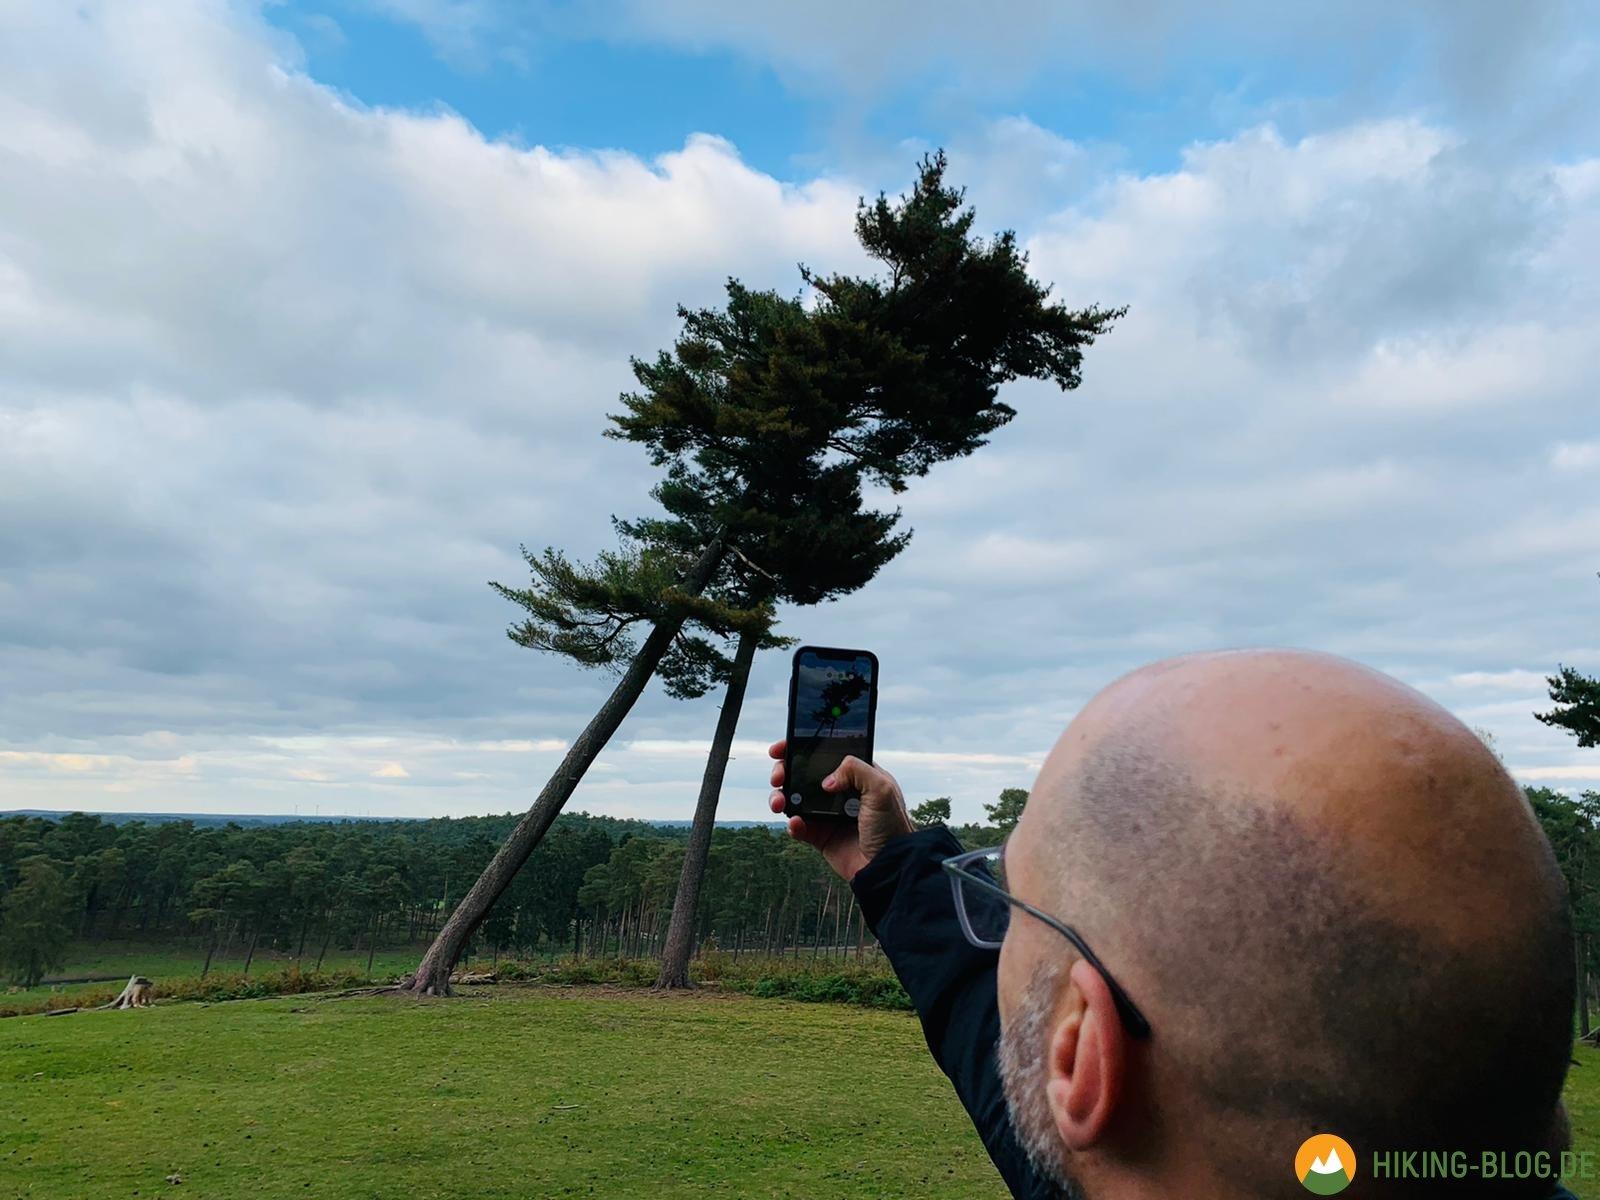 Beim Wandern mit der kostenlosen App Arboreal die Baumhöhe messen